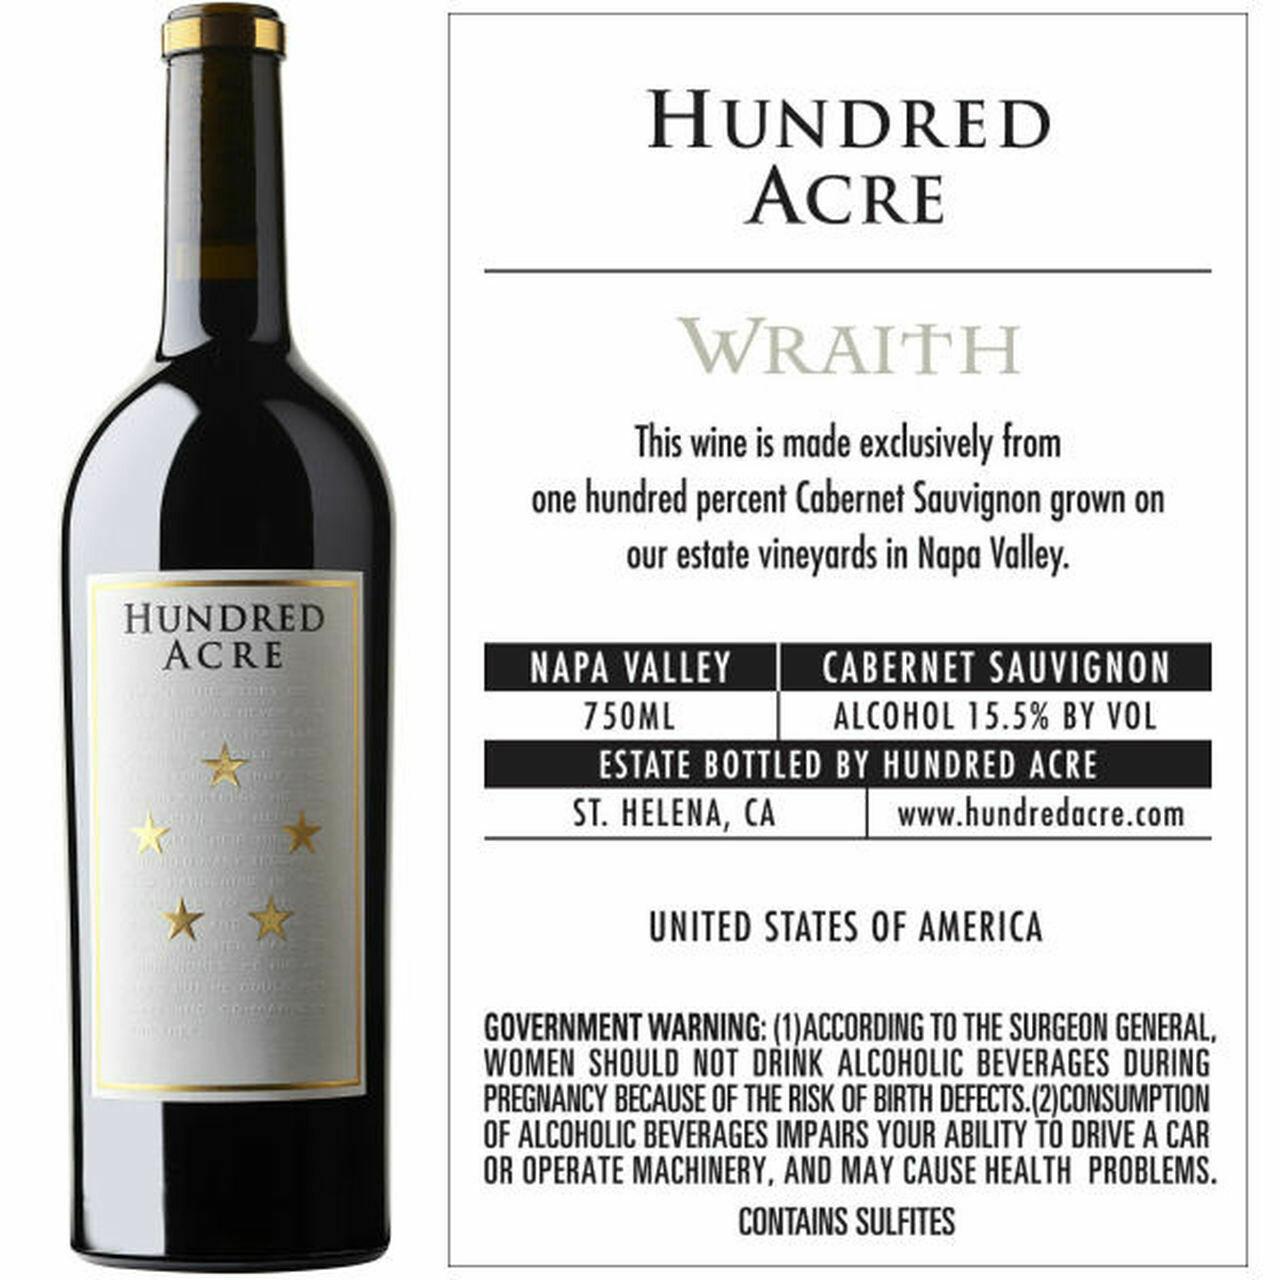 Hundred Acre 'Wraith' Cabernet Sauvignon, Napa Valley 2015 (750 ml)